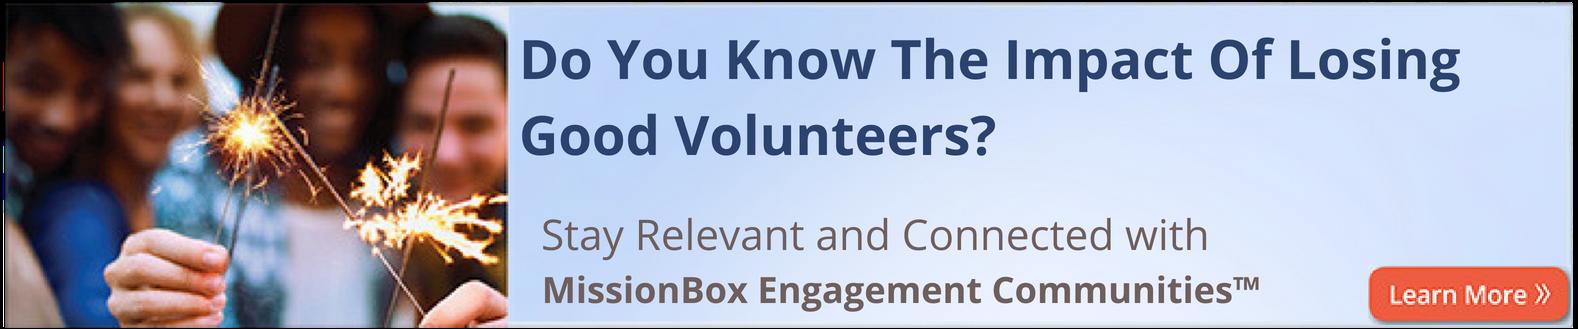 MissionBox Engagement Communities